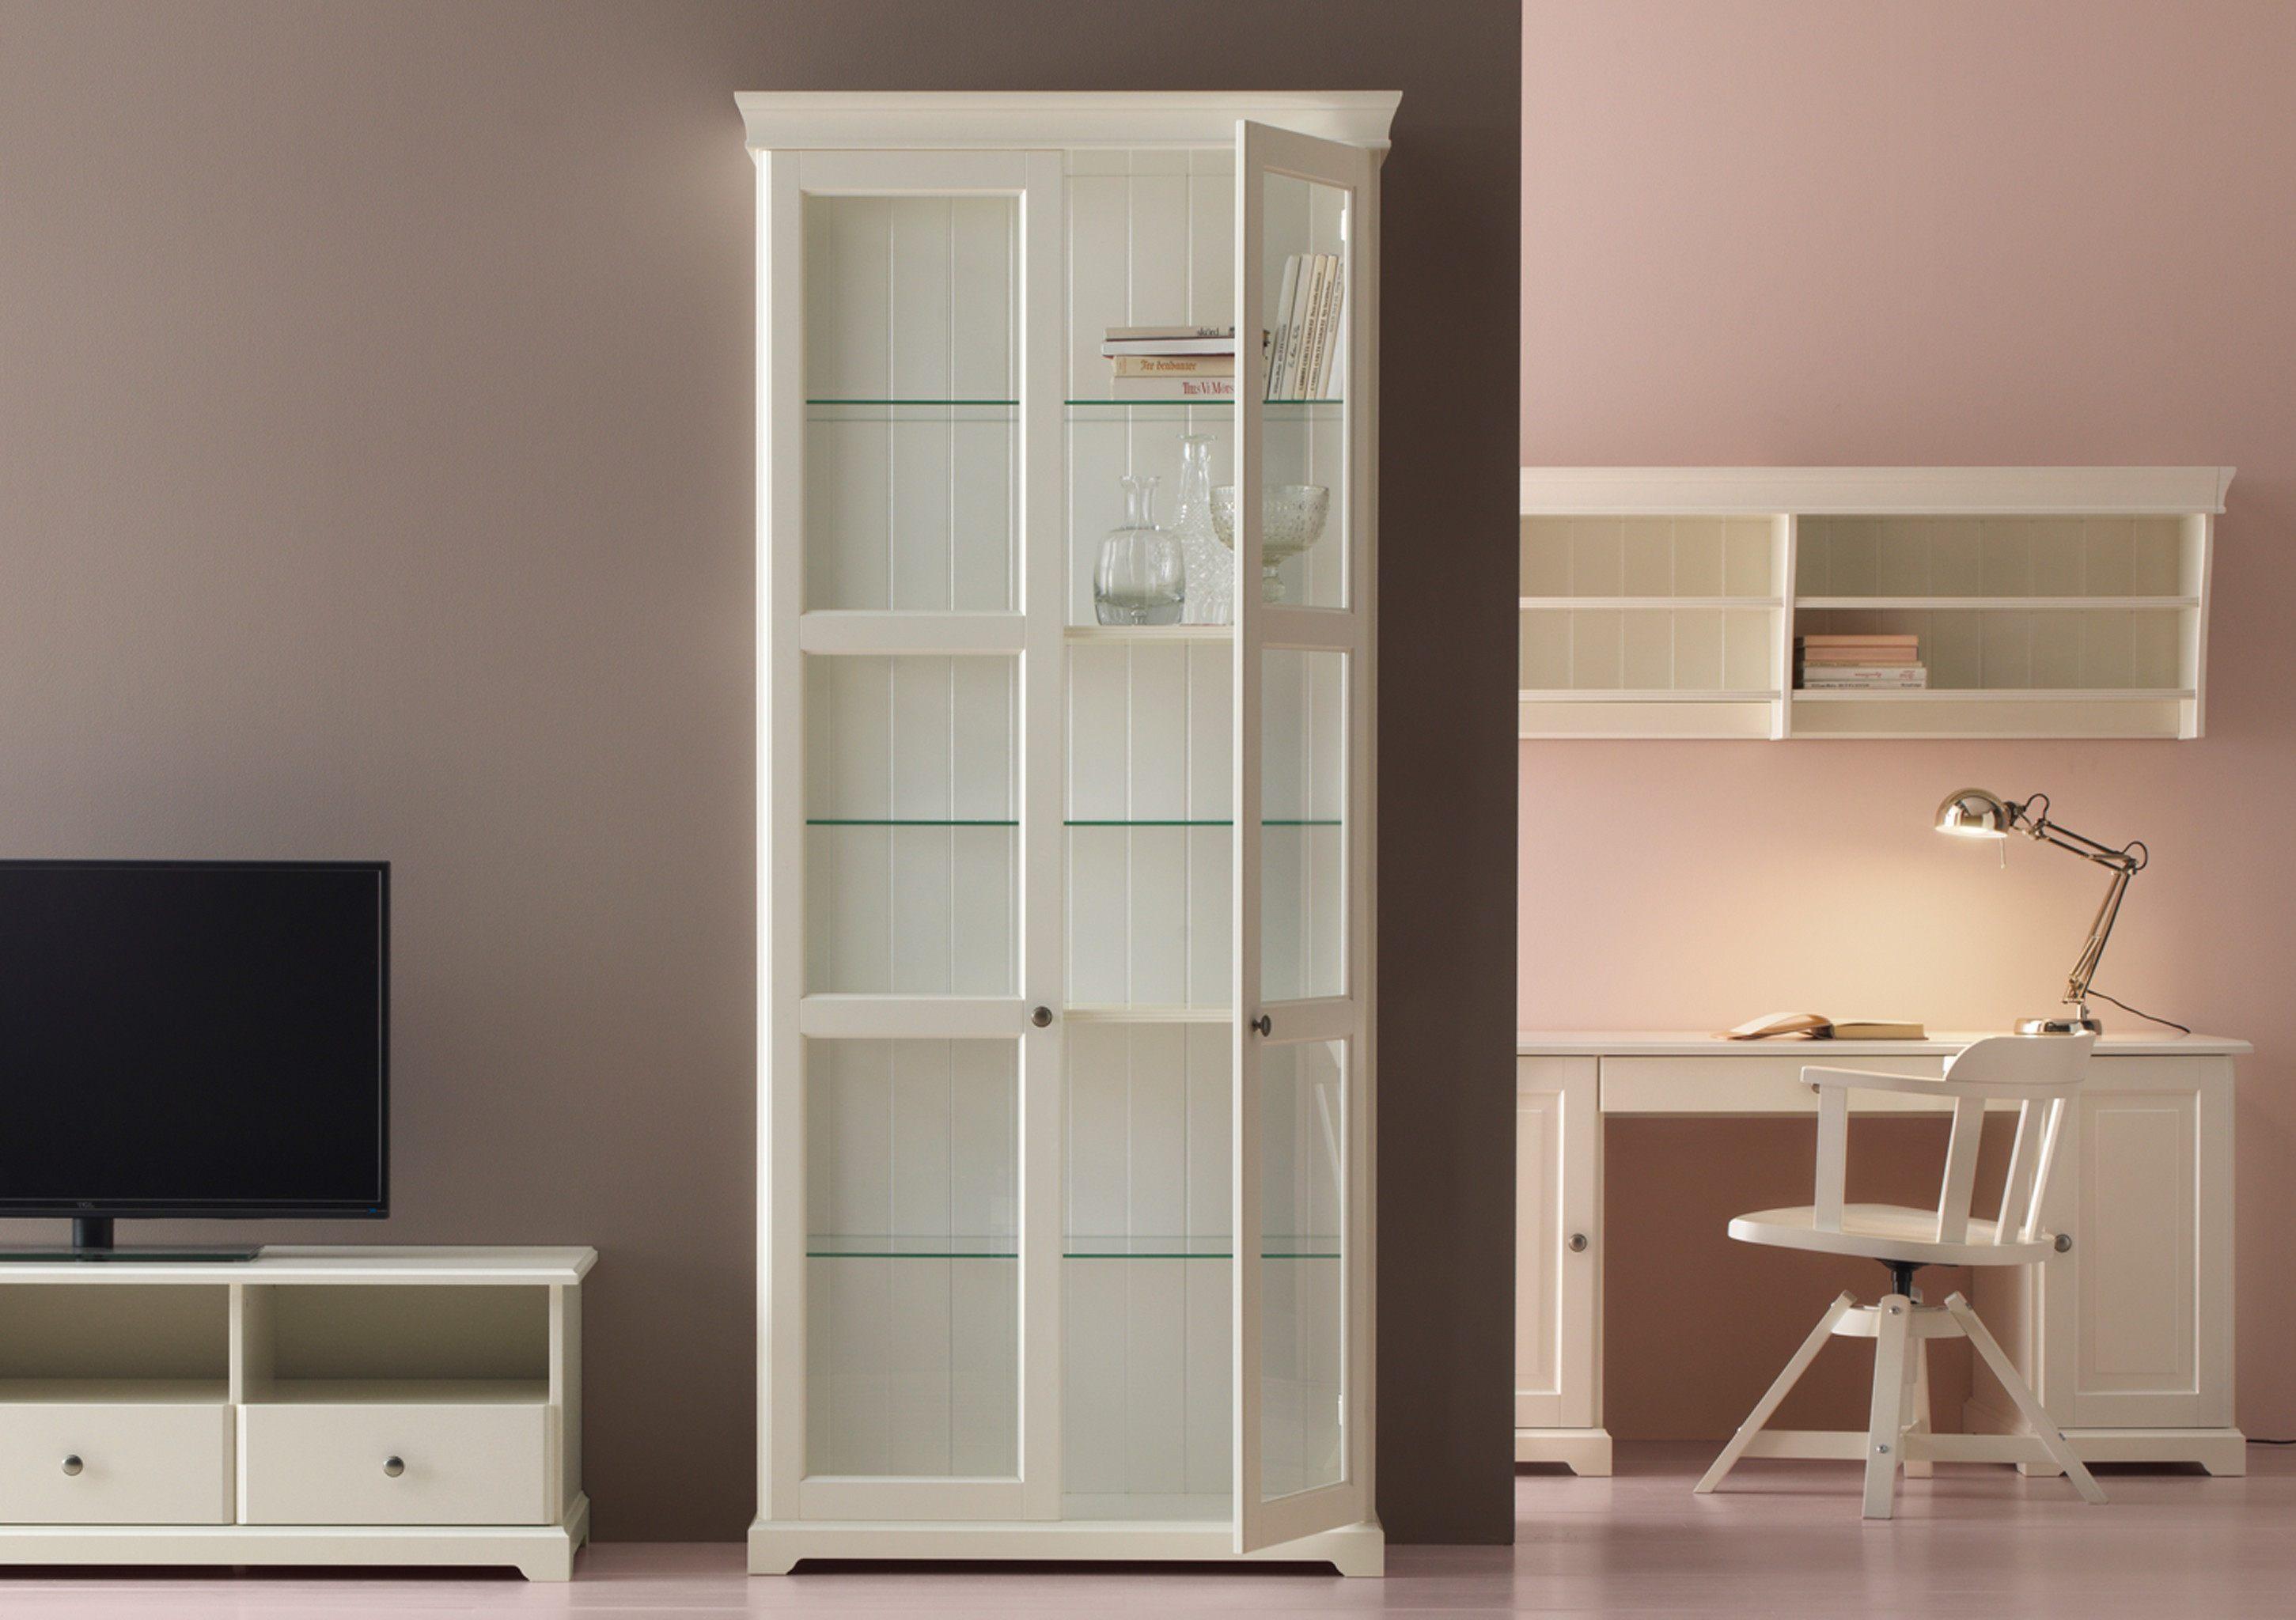 Lit Superposé Fer Impressionnant Lit Biné Mezzanine Bureau Armoire élégant Bureau Fer forgé Ikea